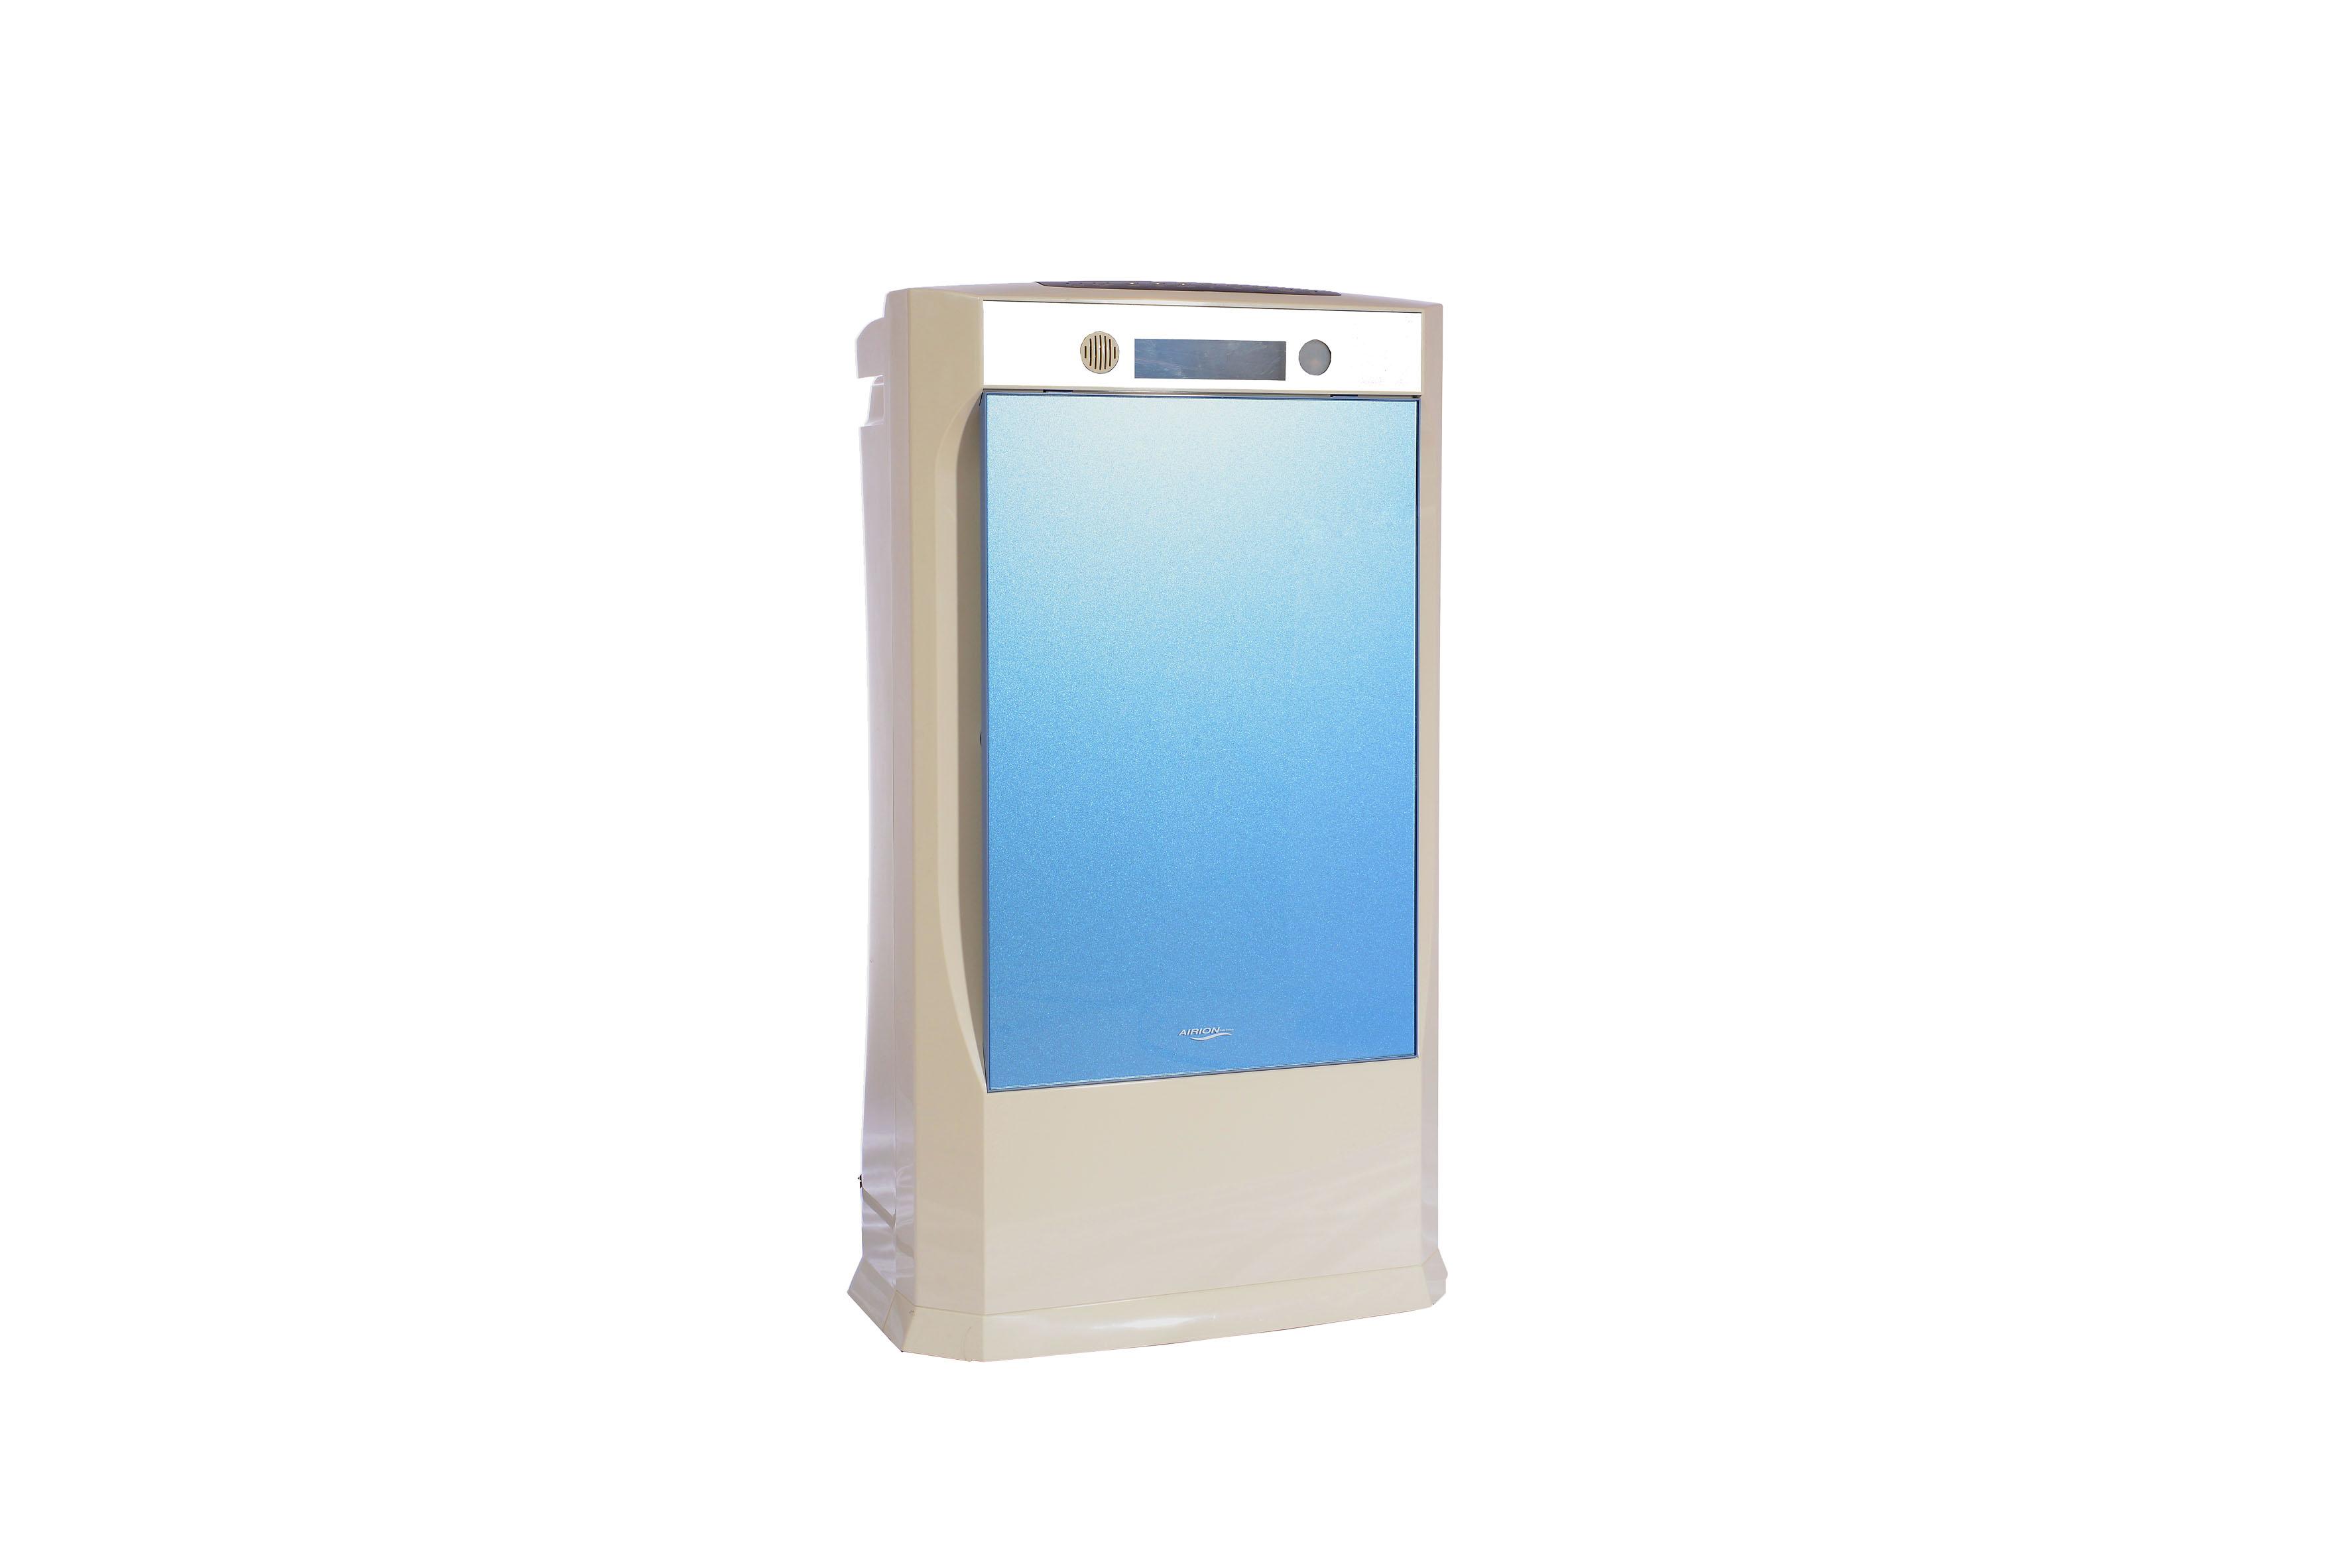 Airion Sa9500 Air Purifier Air Amp Odor Management Sg